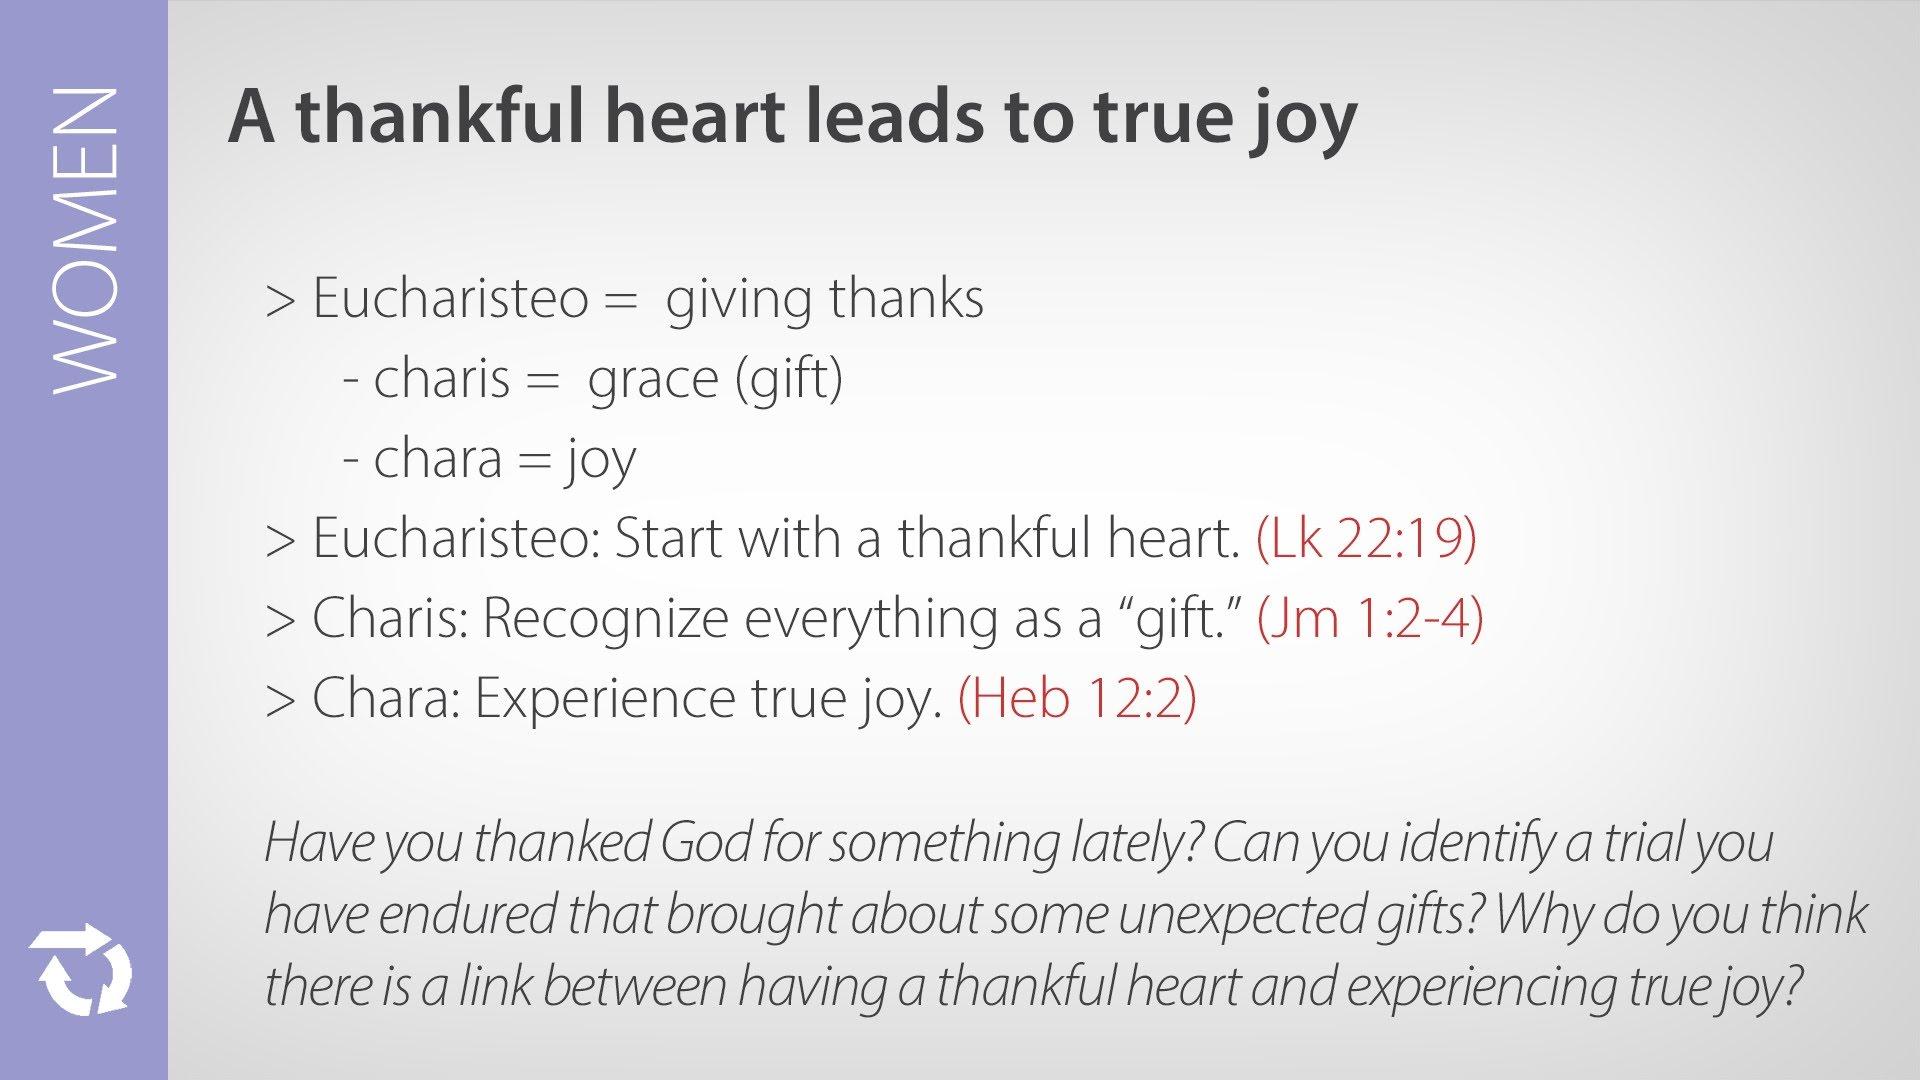 A Thankful Heart Leads to True Joy